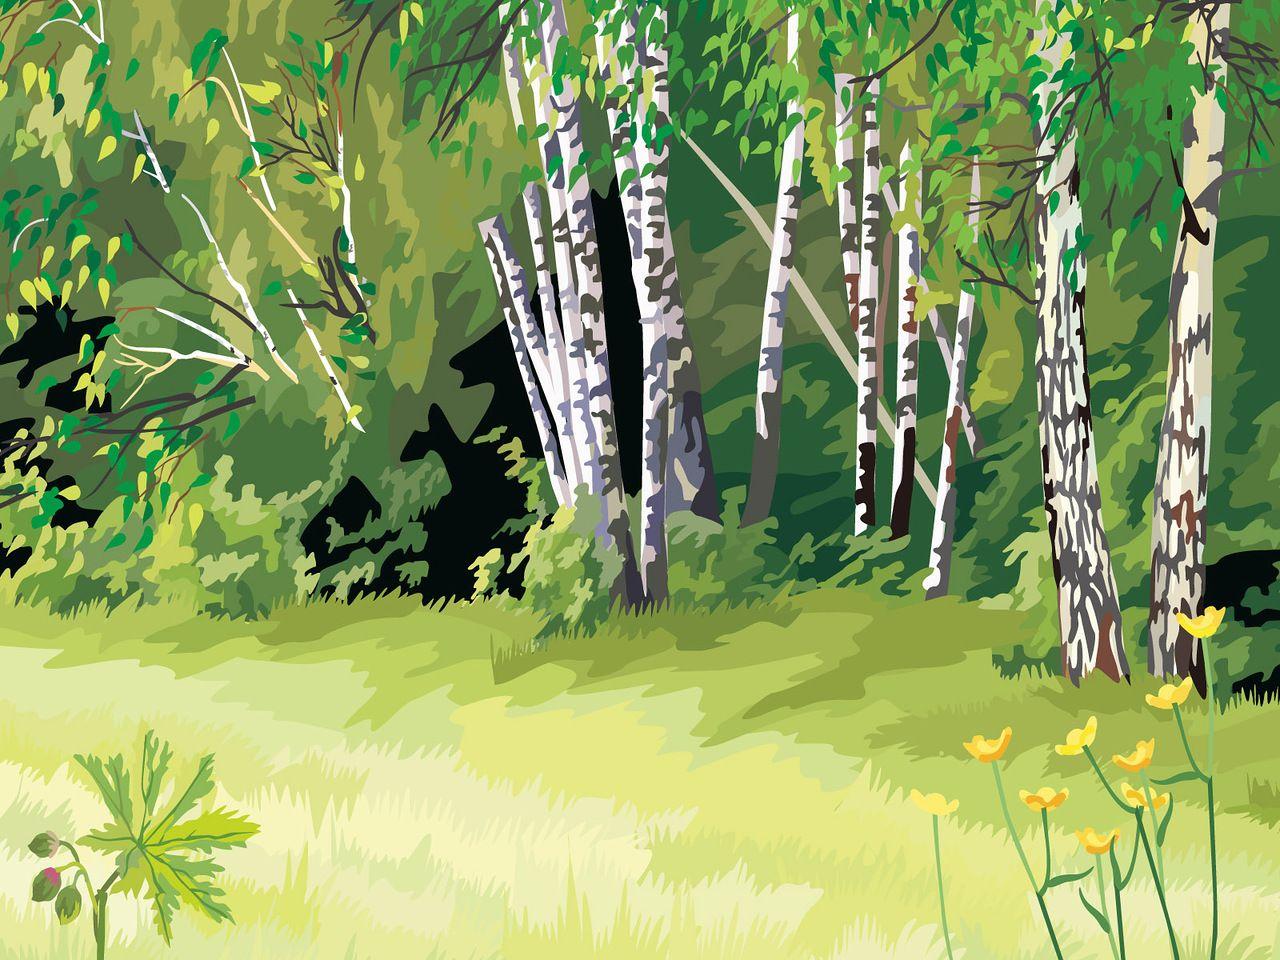 картинки сказочного летнего леса сладкий